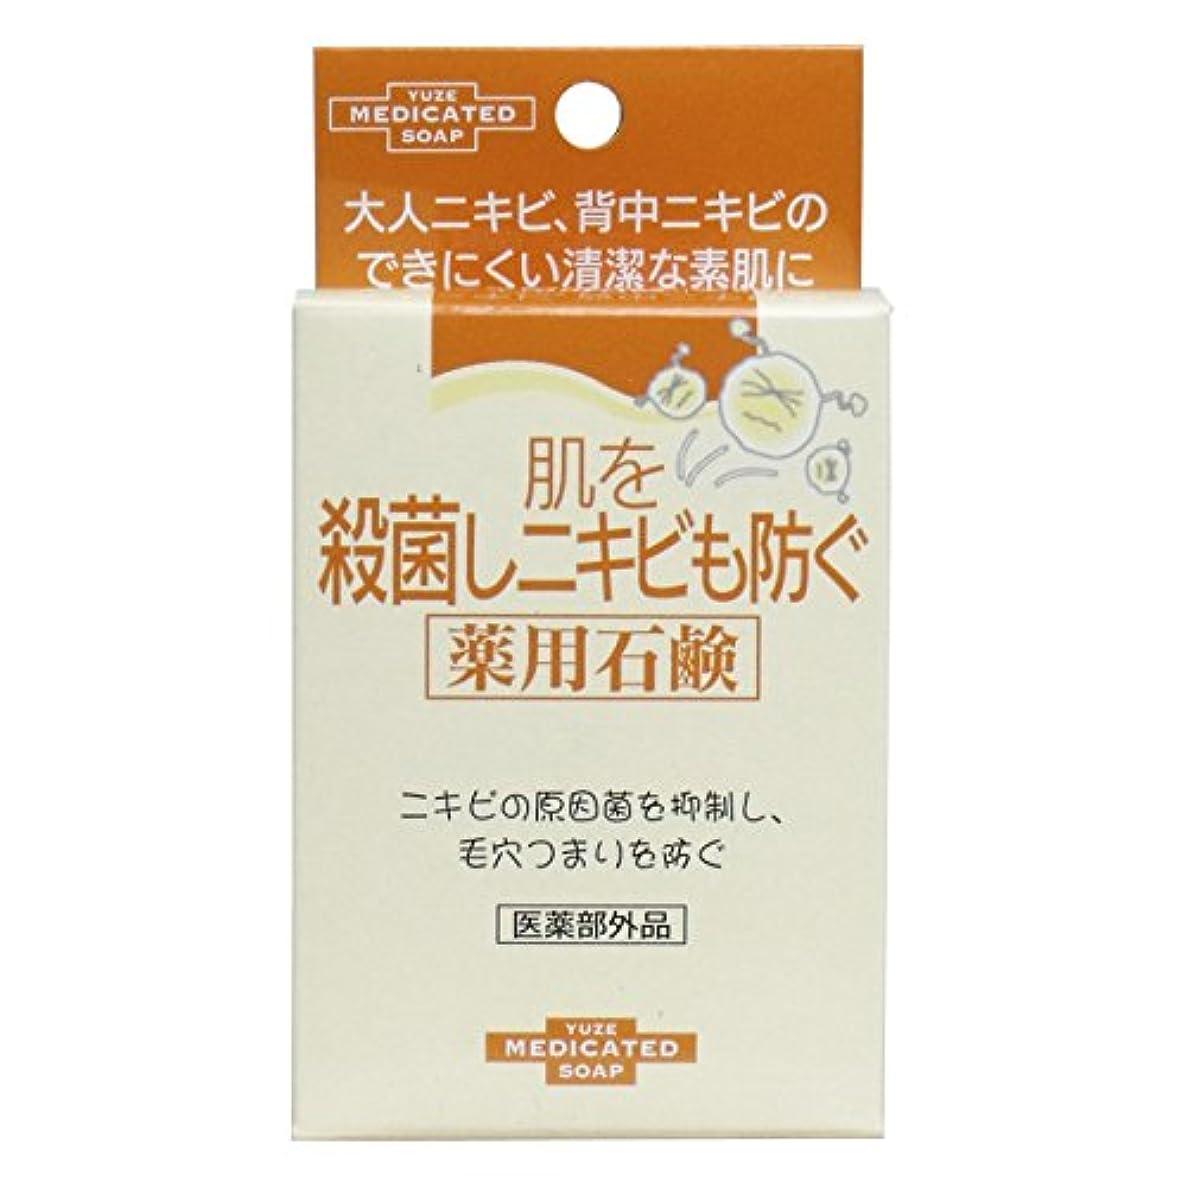 キッチン好ましい鷹ユゼ 肌を殺菌しニキビも防ぐ薬用石鹸 (110g)